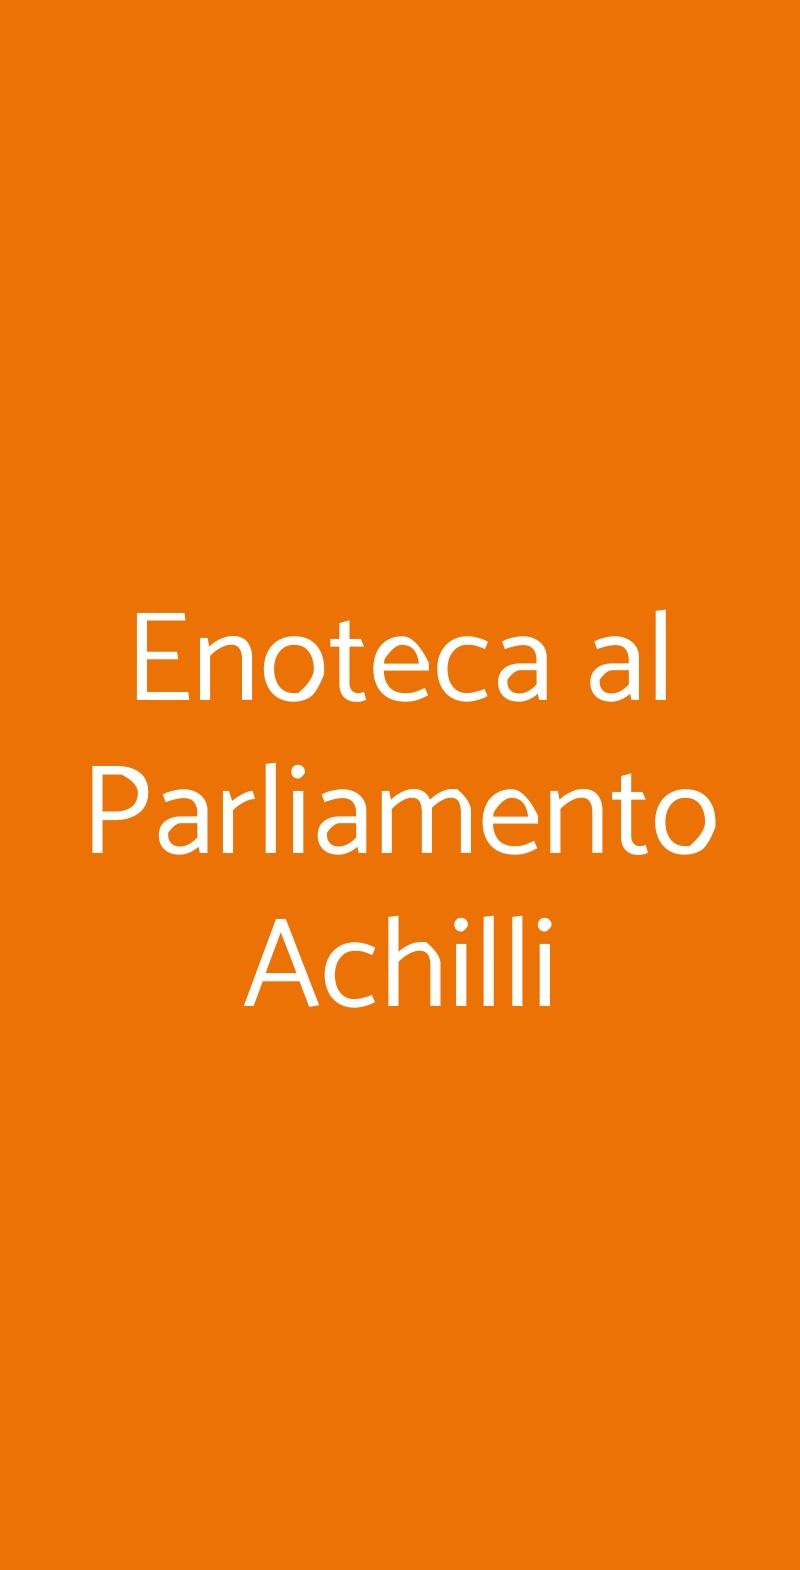 Enoteca al Parliamento Achilli Roma menù 1 pagina